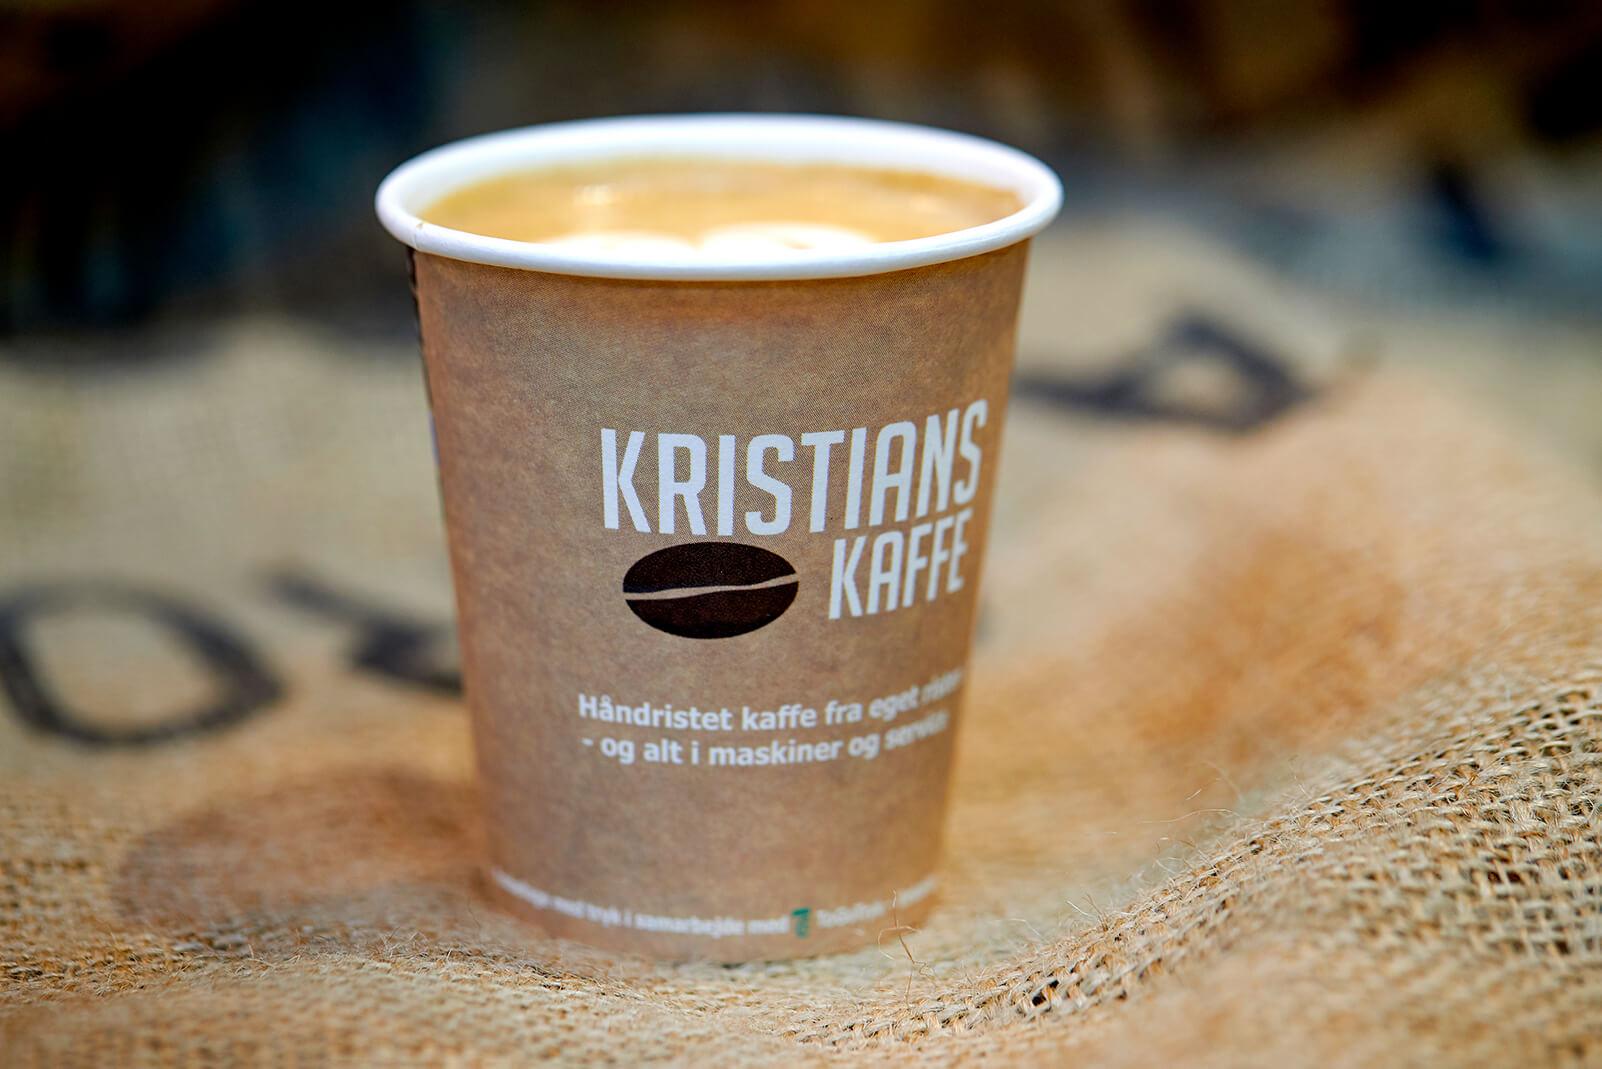 kristians kaffe papkrus med logo